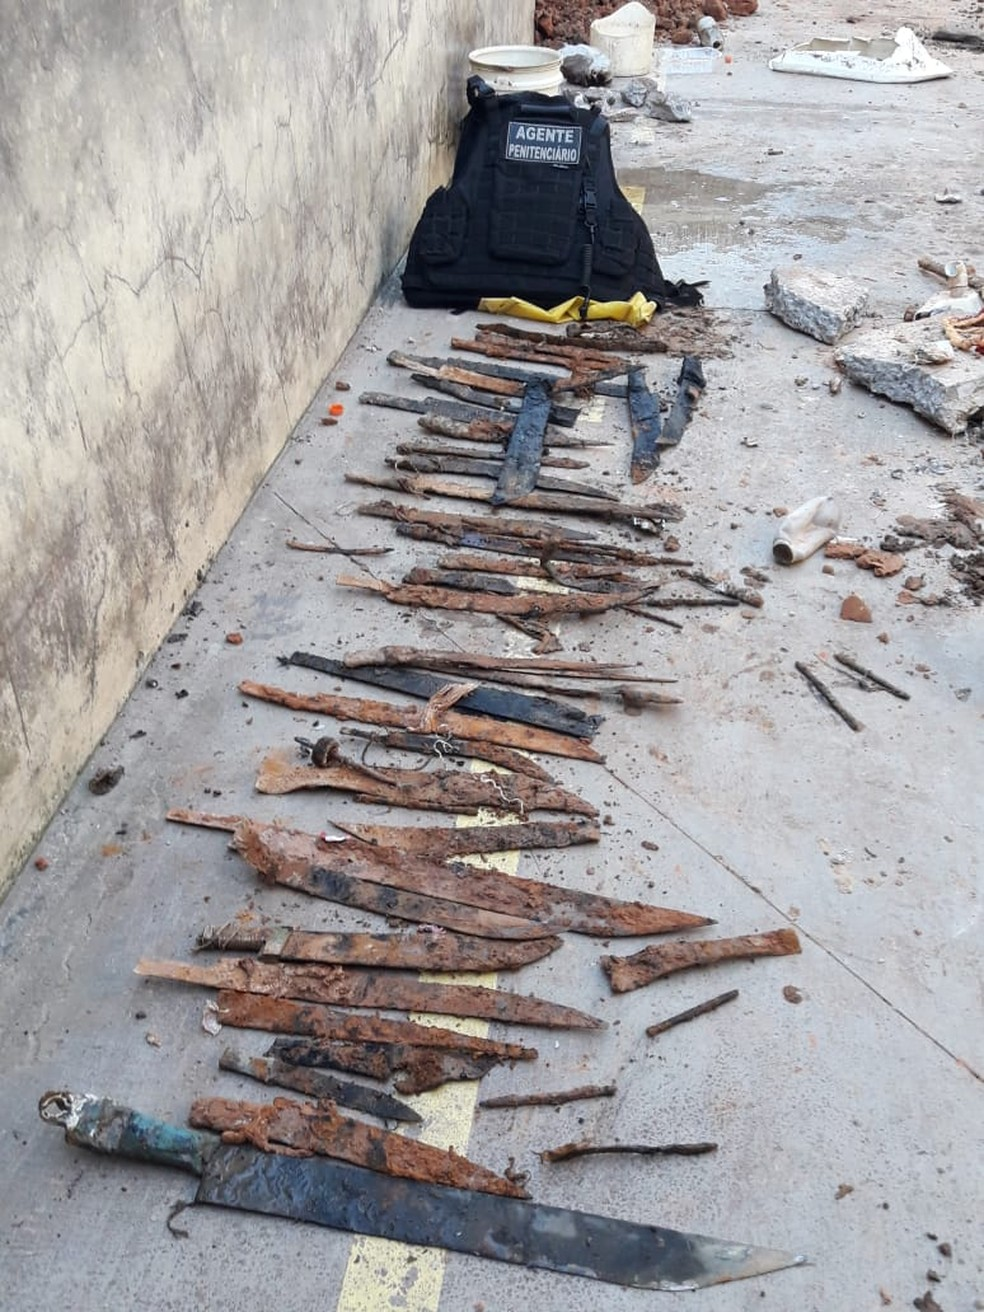 Armas foram encontradas embaixo de piso de celas nesta quinta (11) — Foto: Divulgação/Iapen-AC